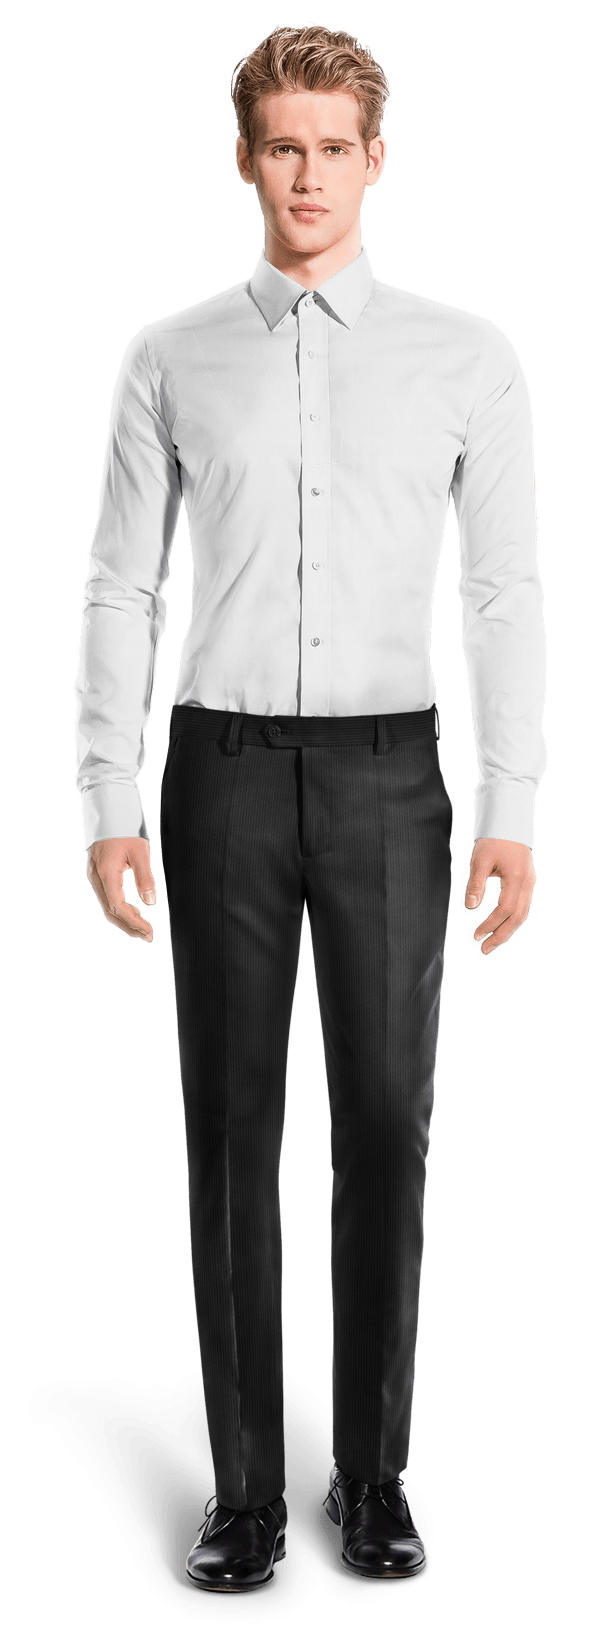 Schwarze tailliert Hose aus Cord